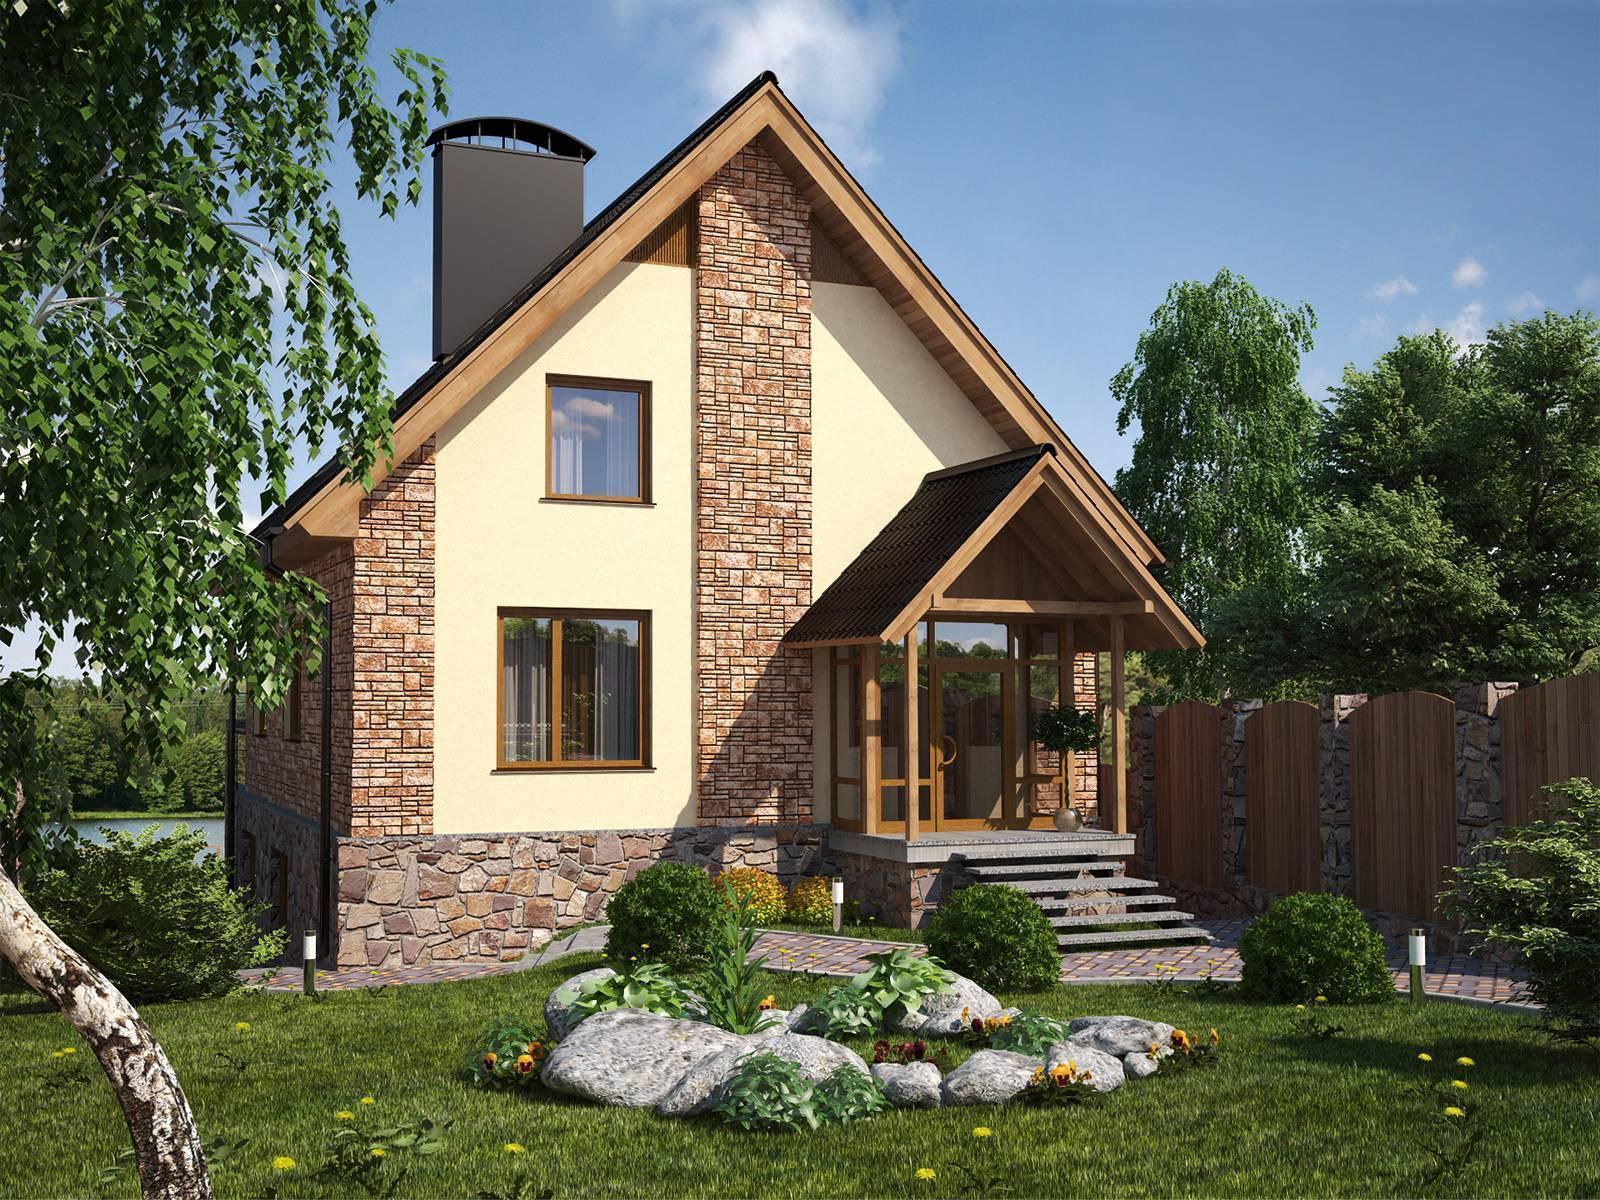 Можно ли построить дом ближе чем 3 метра от забора?